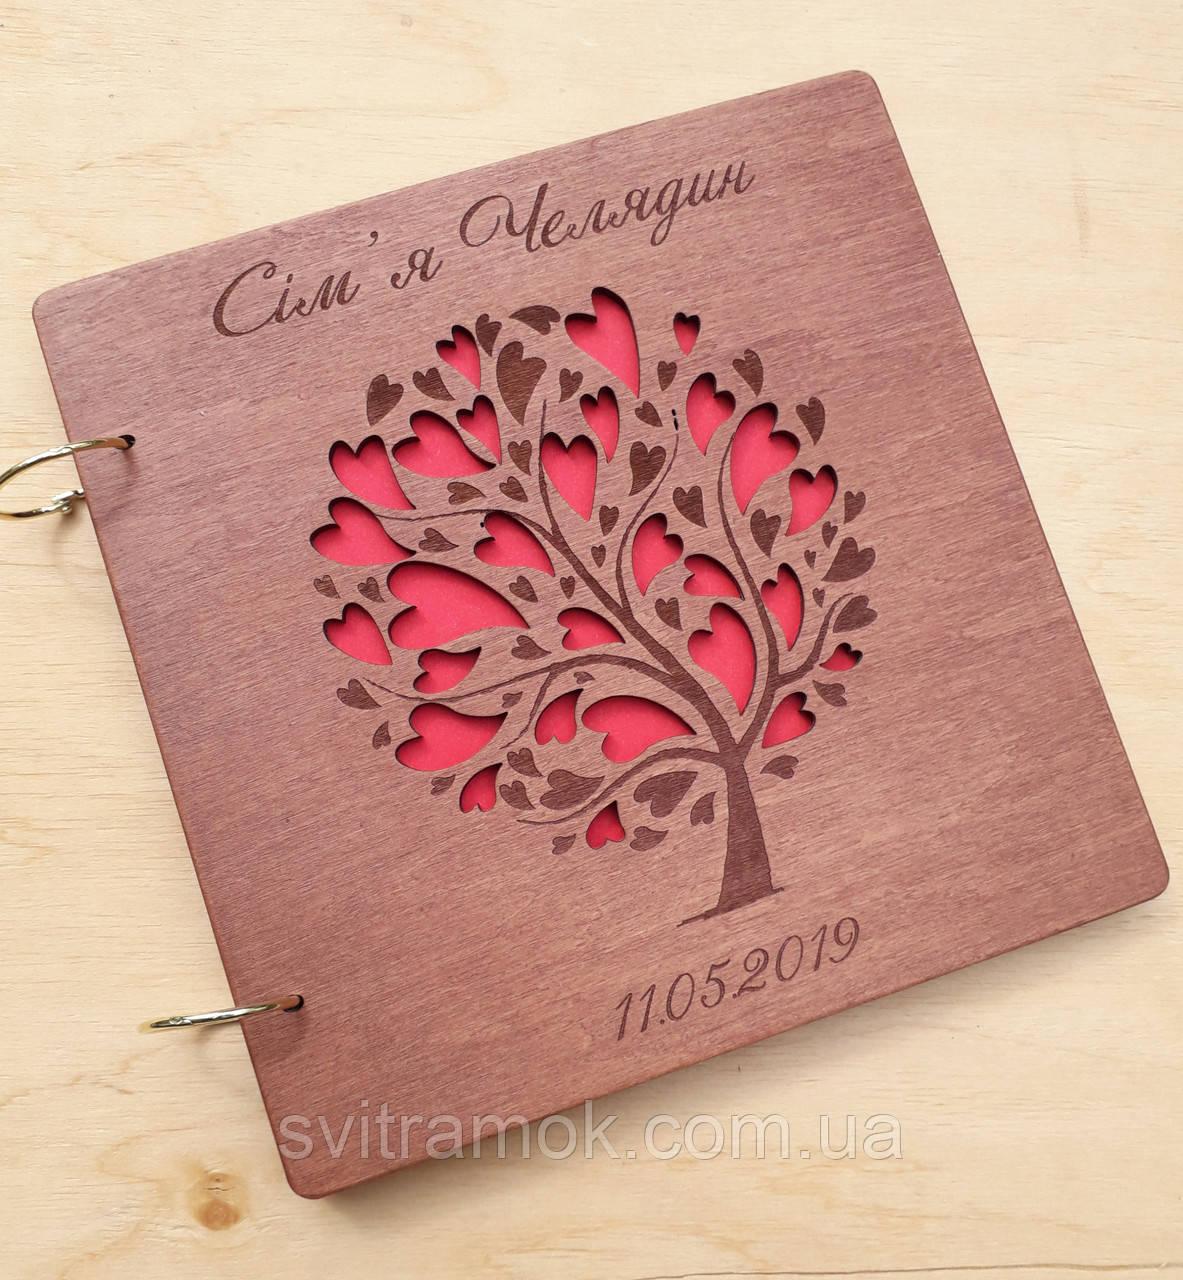 Весільна книга побажань та відгуків з дерев'яними обкладинками